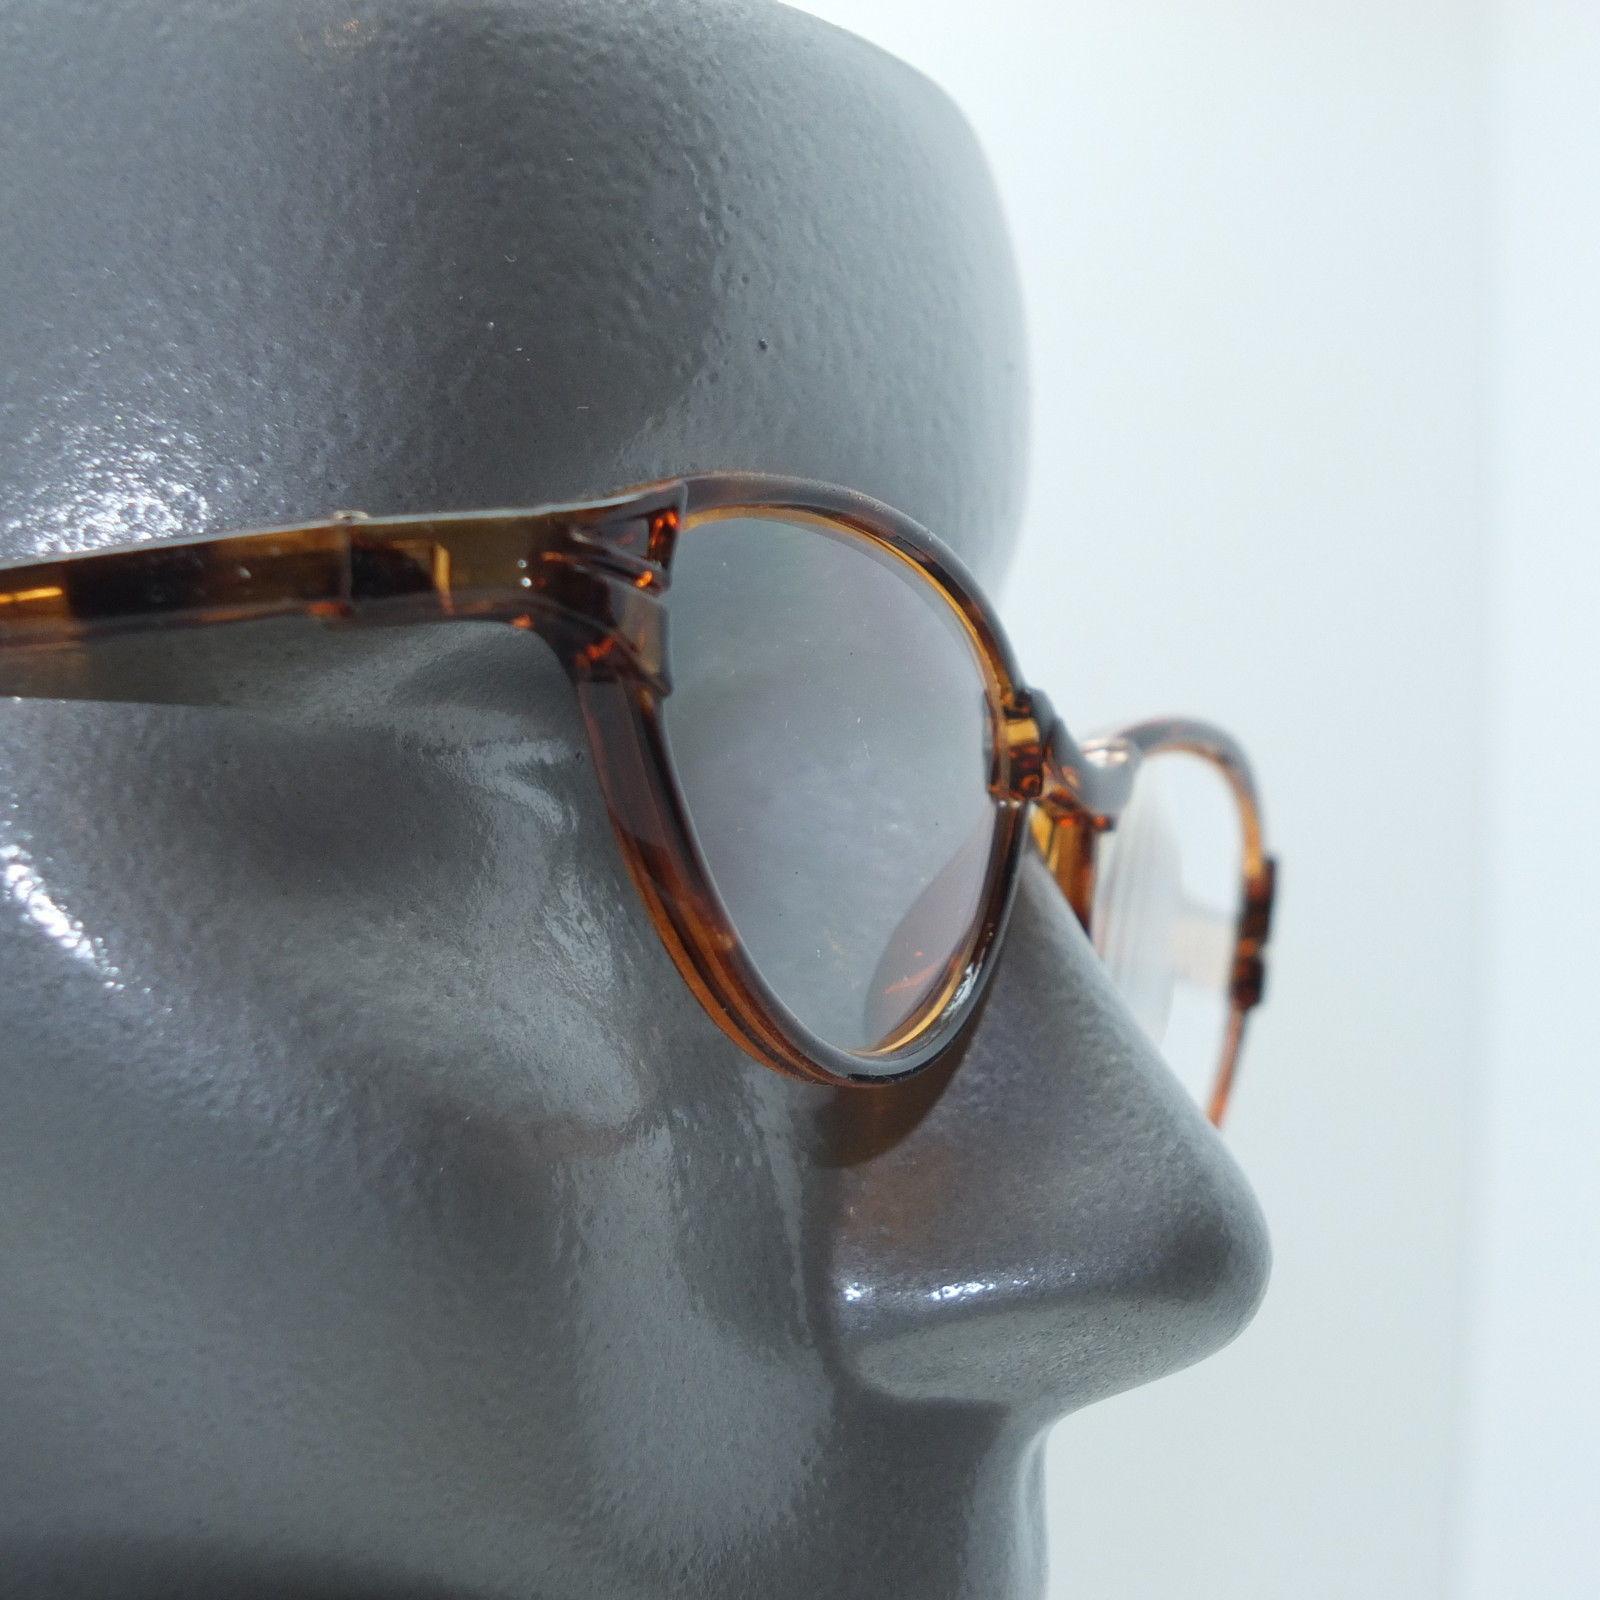 Oversized Wide Cat Eye Reading Glasses +1.25 Lens Tortoise ...